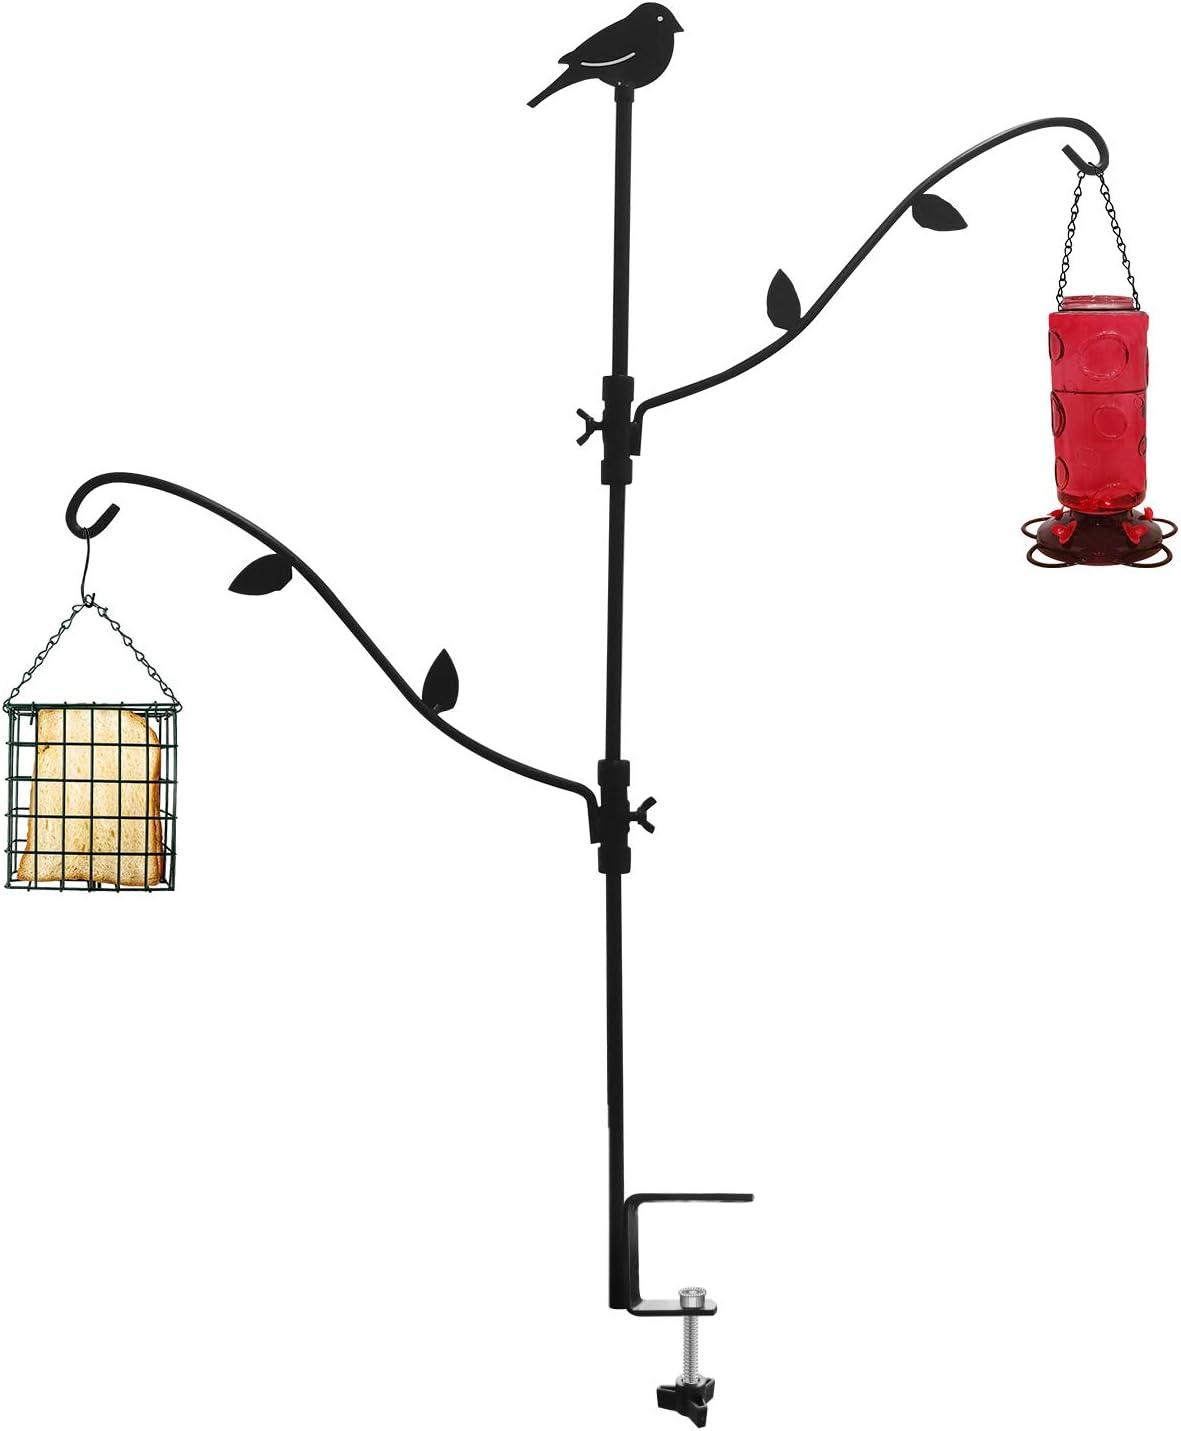 Deck Bird Feeder Pole Bird Feeder Porch Multi-Hook Bird Feeder Hooks for Deck Kit with Two Adjustable Branches